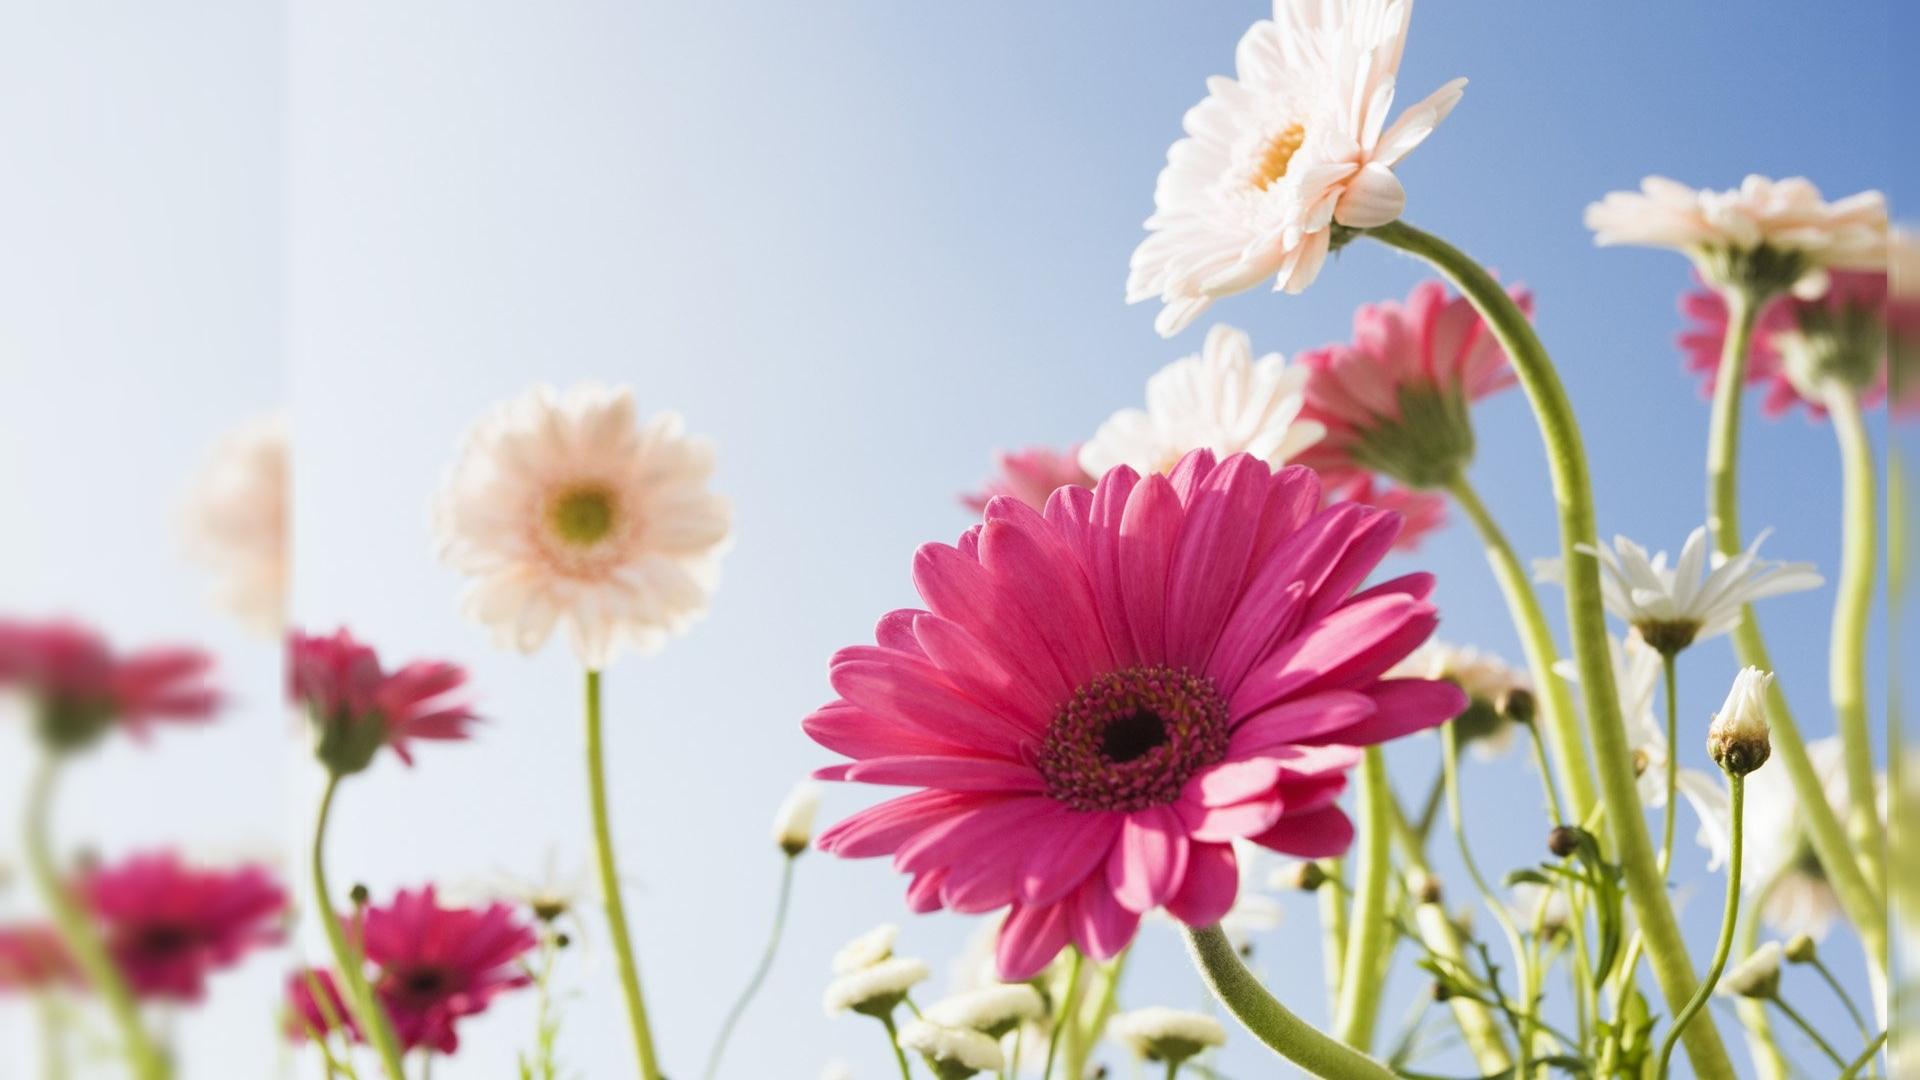 Desktop flowers clipart backgrounds - ClipartFox